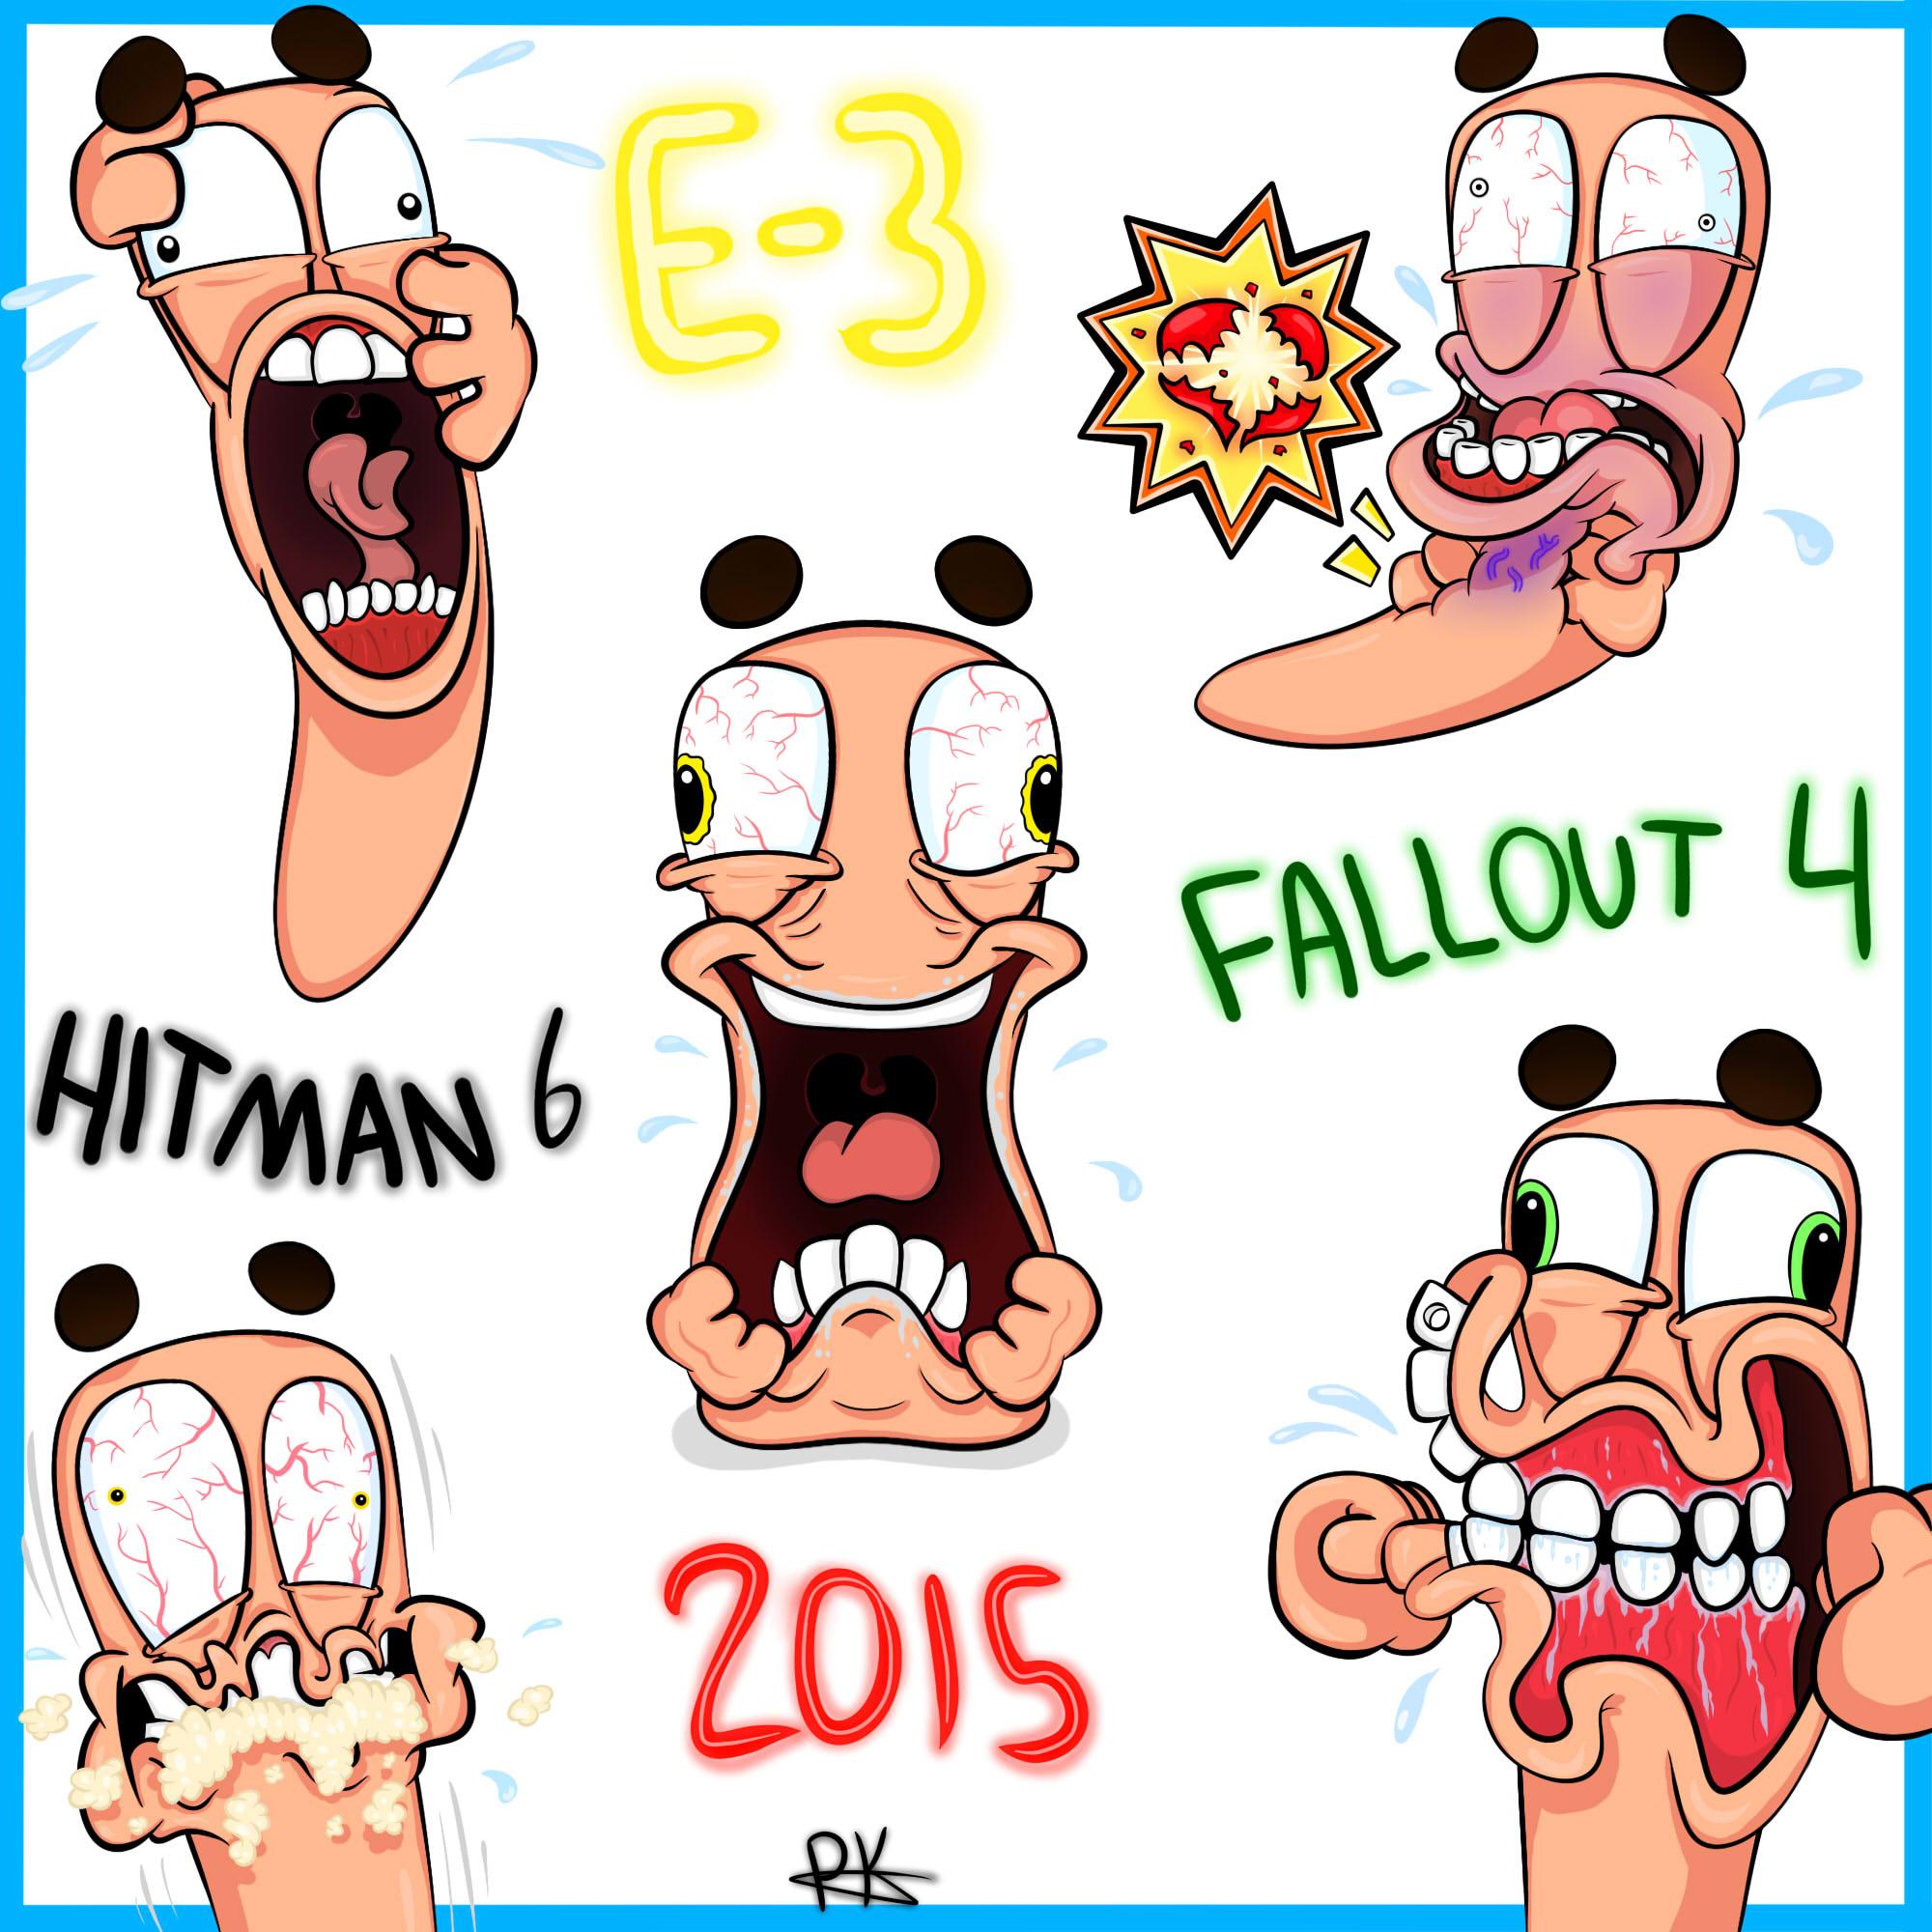 Worms E3!